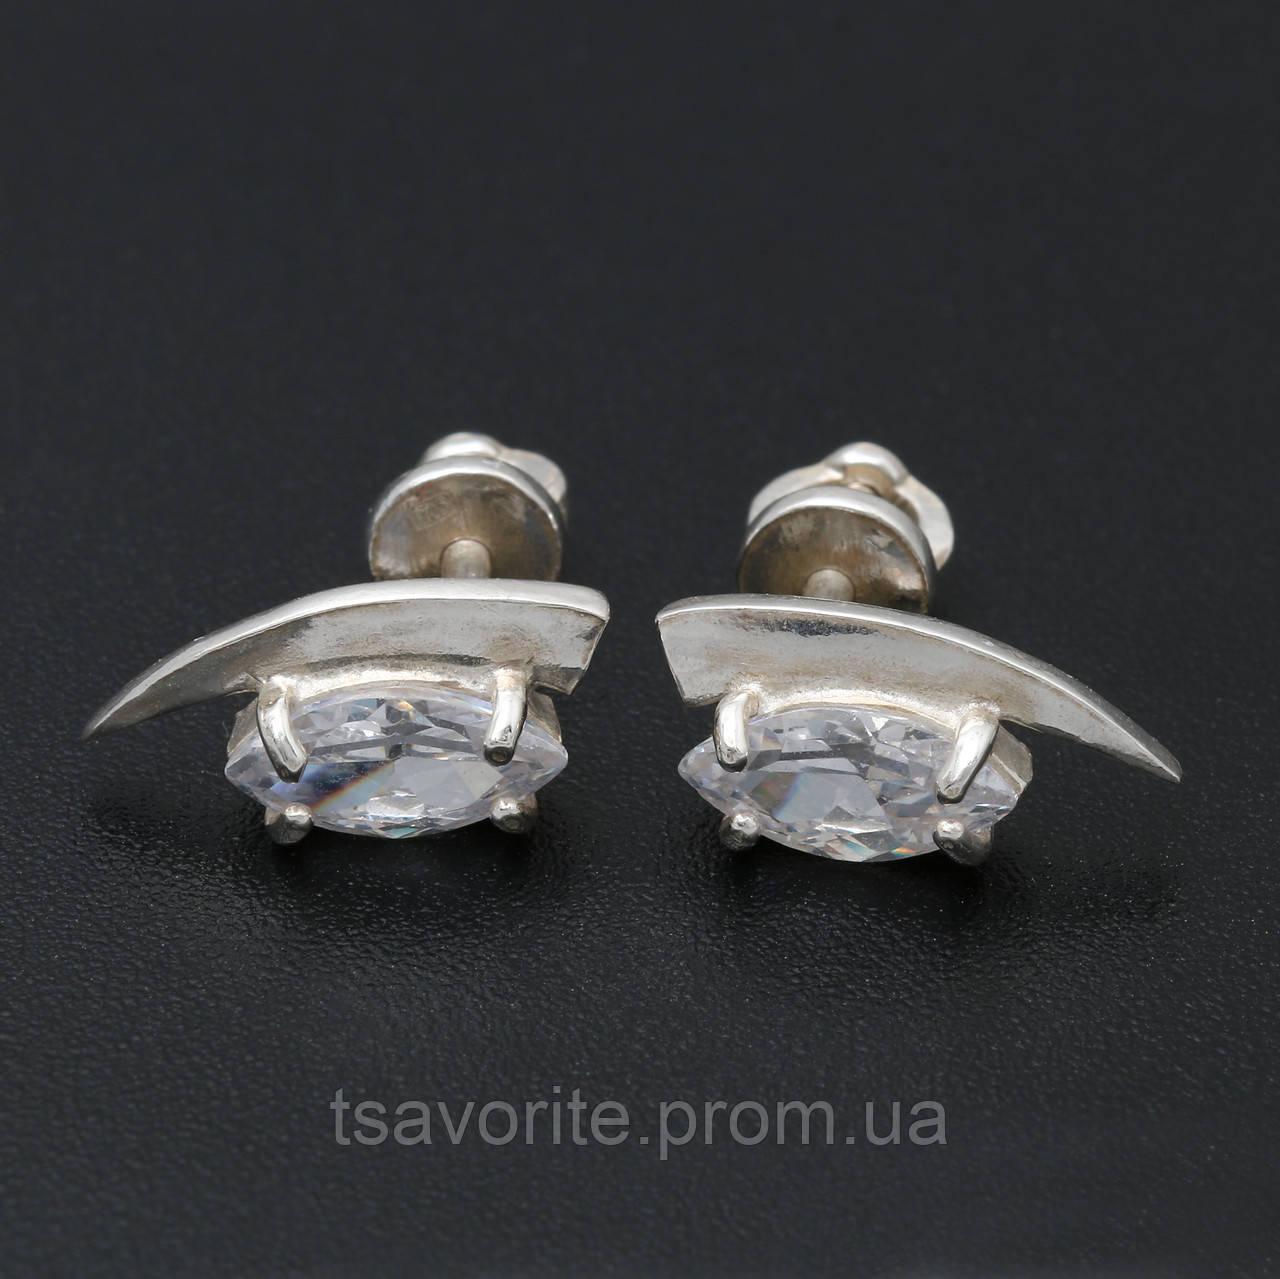 Серебряные серьги СЖХ-2